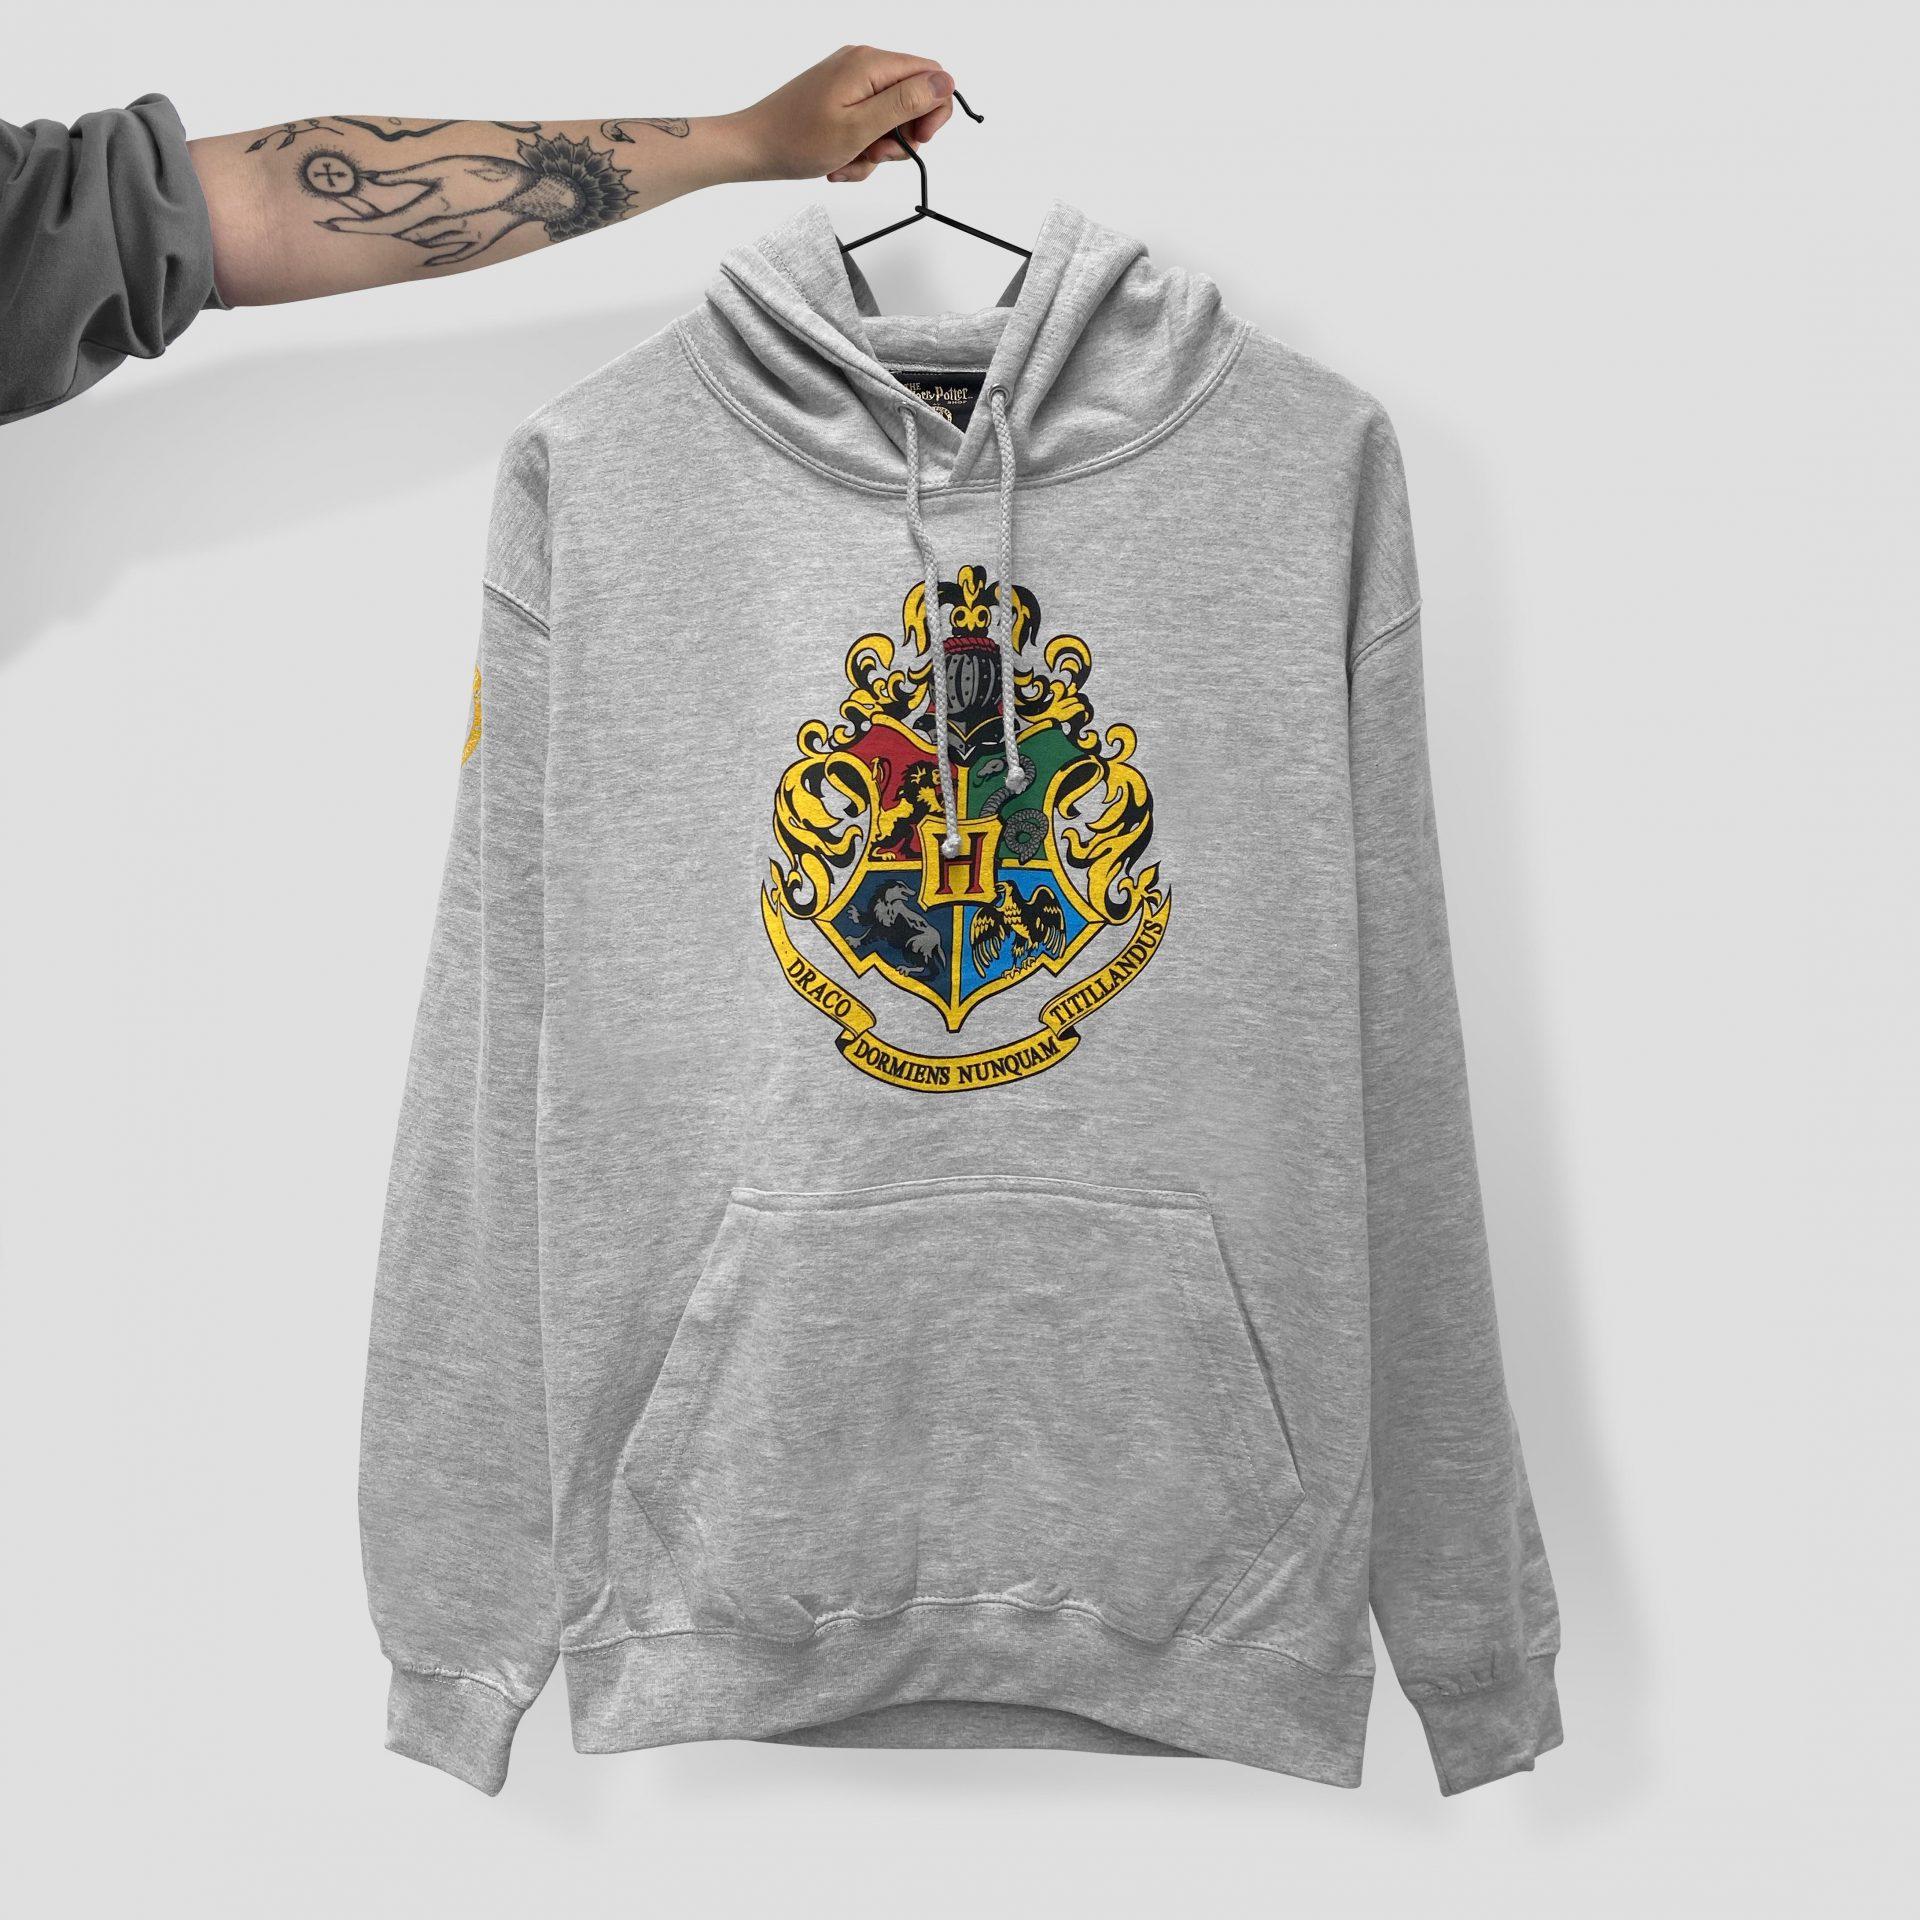 Screen printed hoodie by Paul Bristow